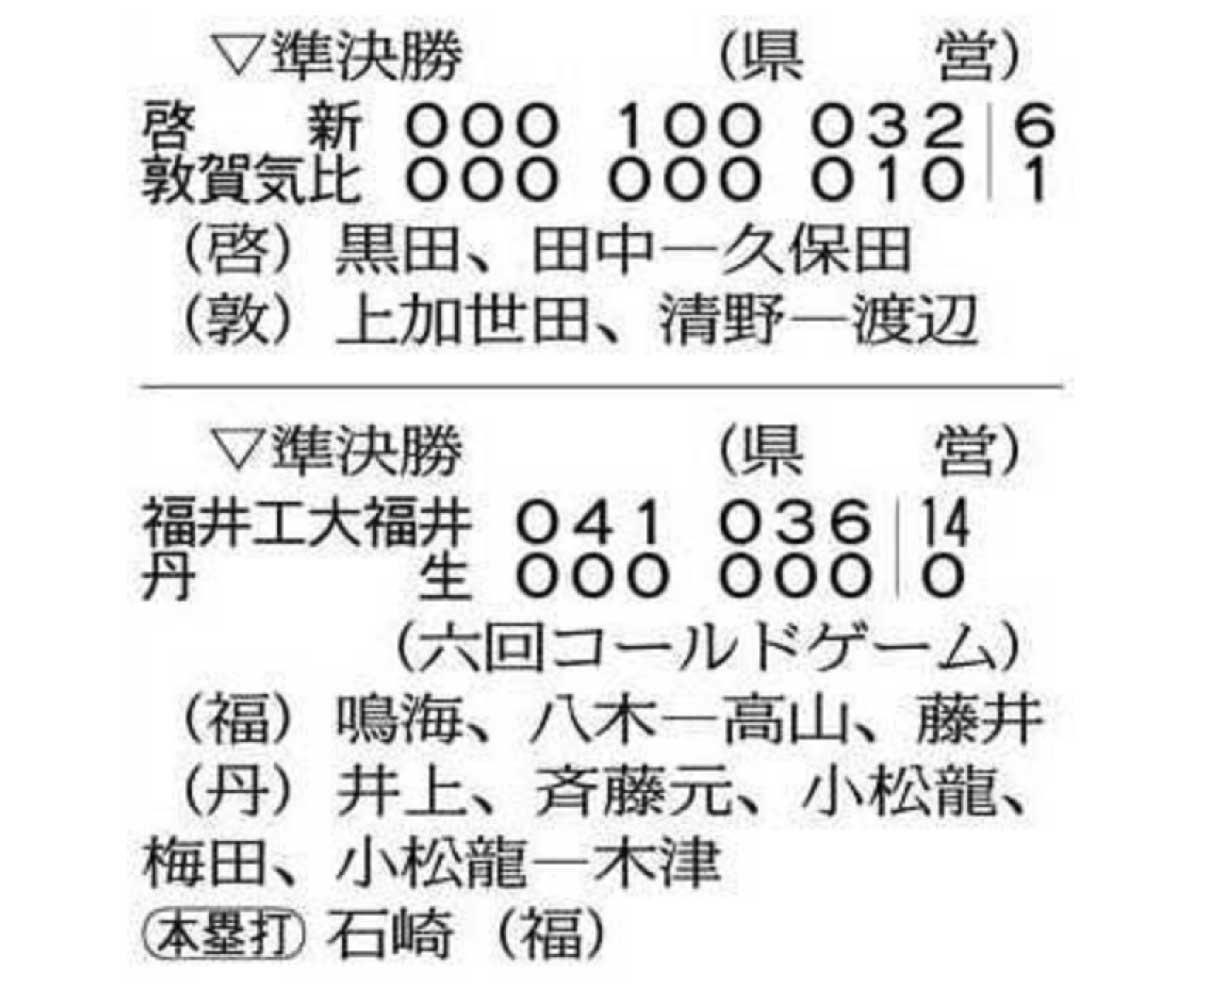 啓新、工大福井 北信越へ